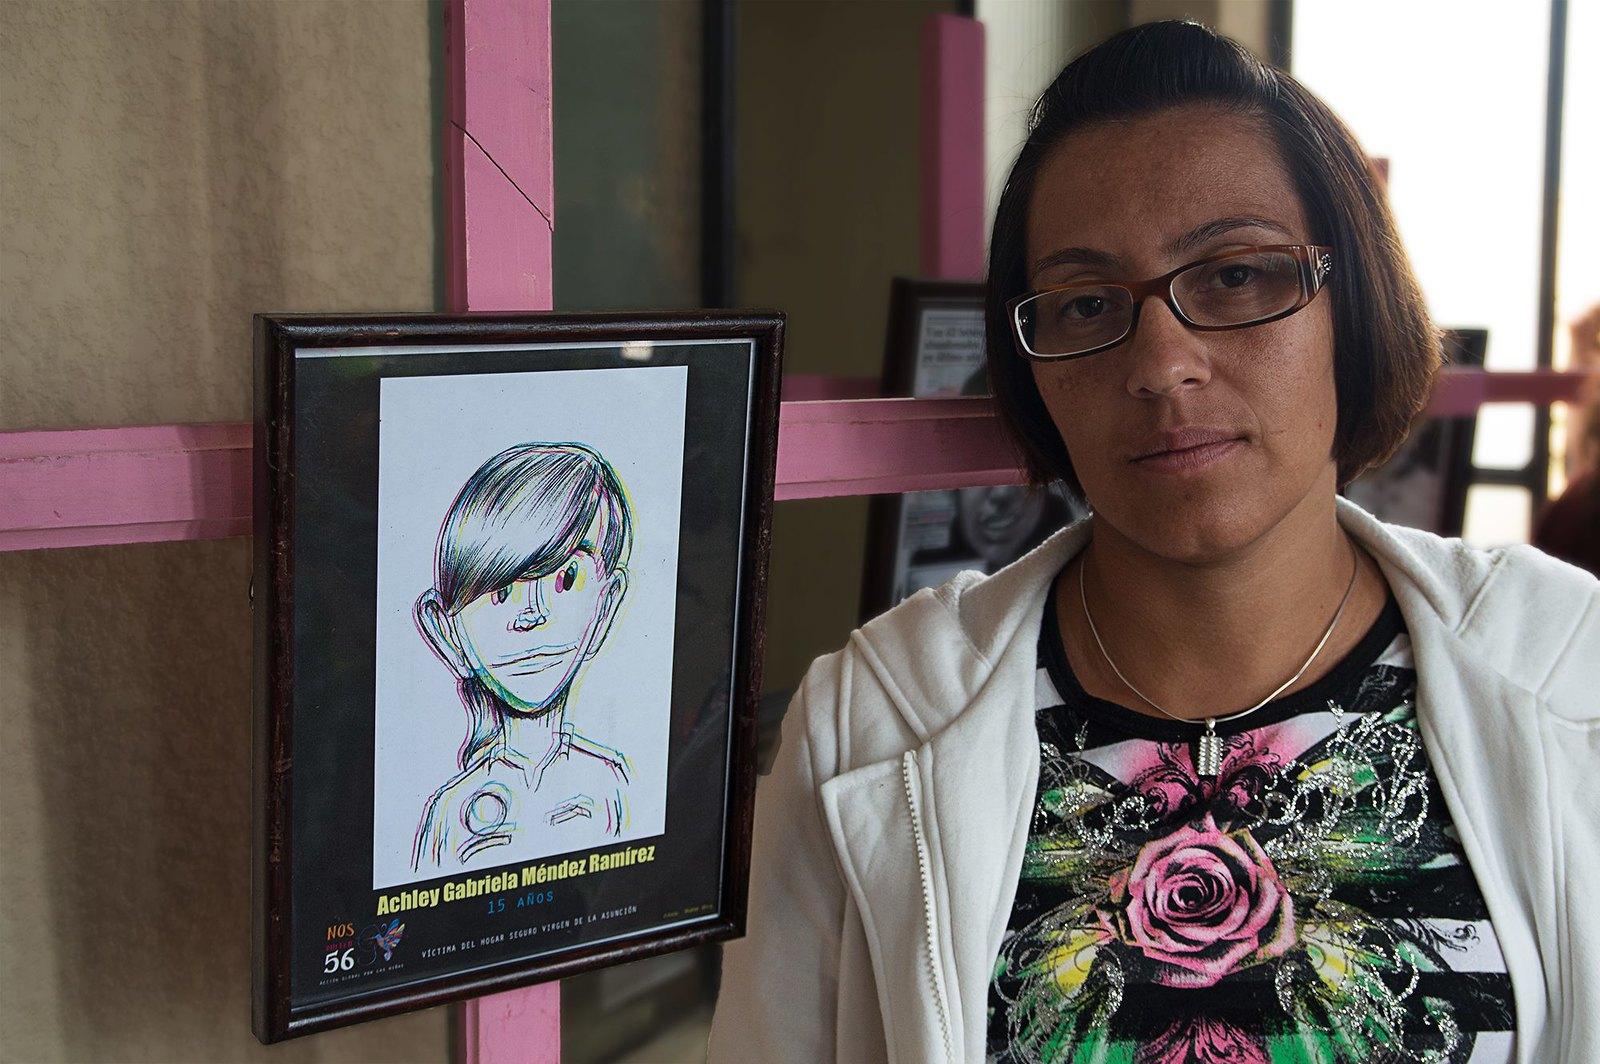 Dasia Ramírez es madre de Achley Gabriela Méndez Ramírez de 15 años